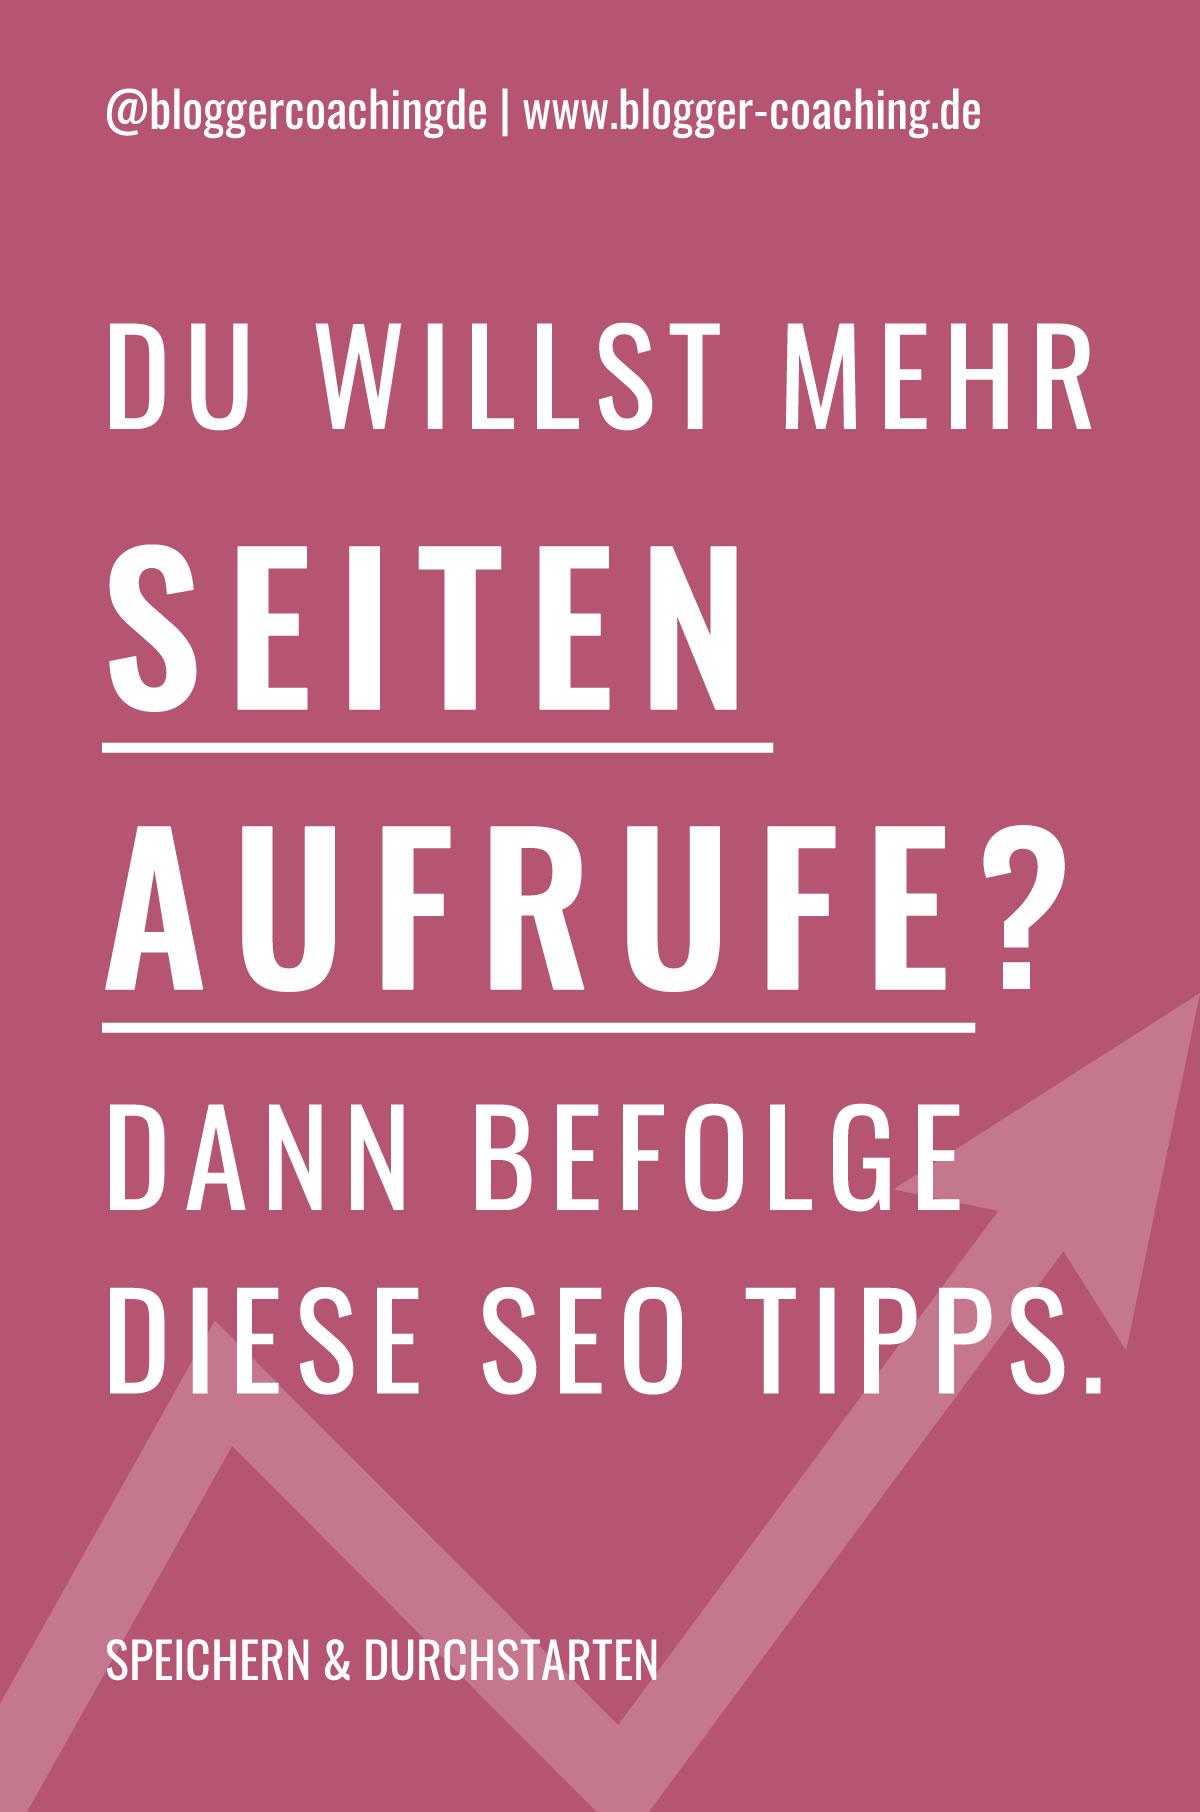 5 effektive SEO Tipps für mehr Blogleser (2020) | Blogger-Coaching.de - Tipps & Kurse für Blogger